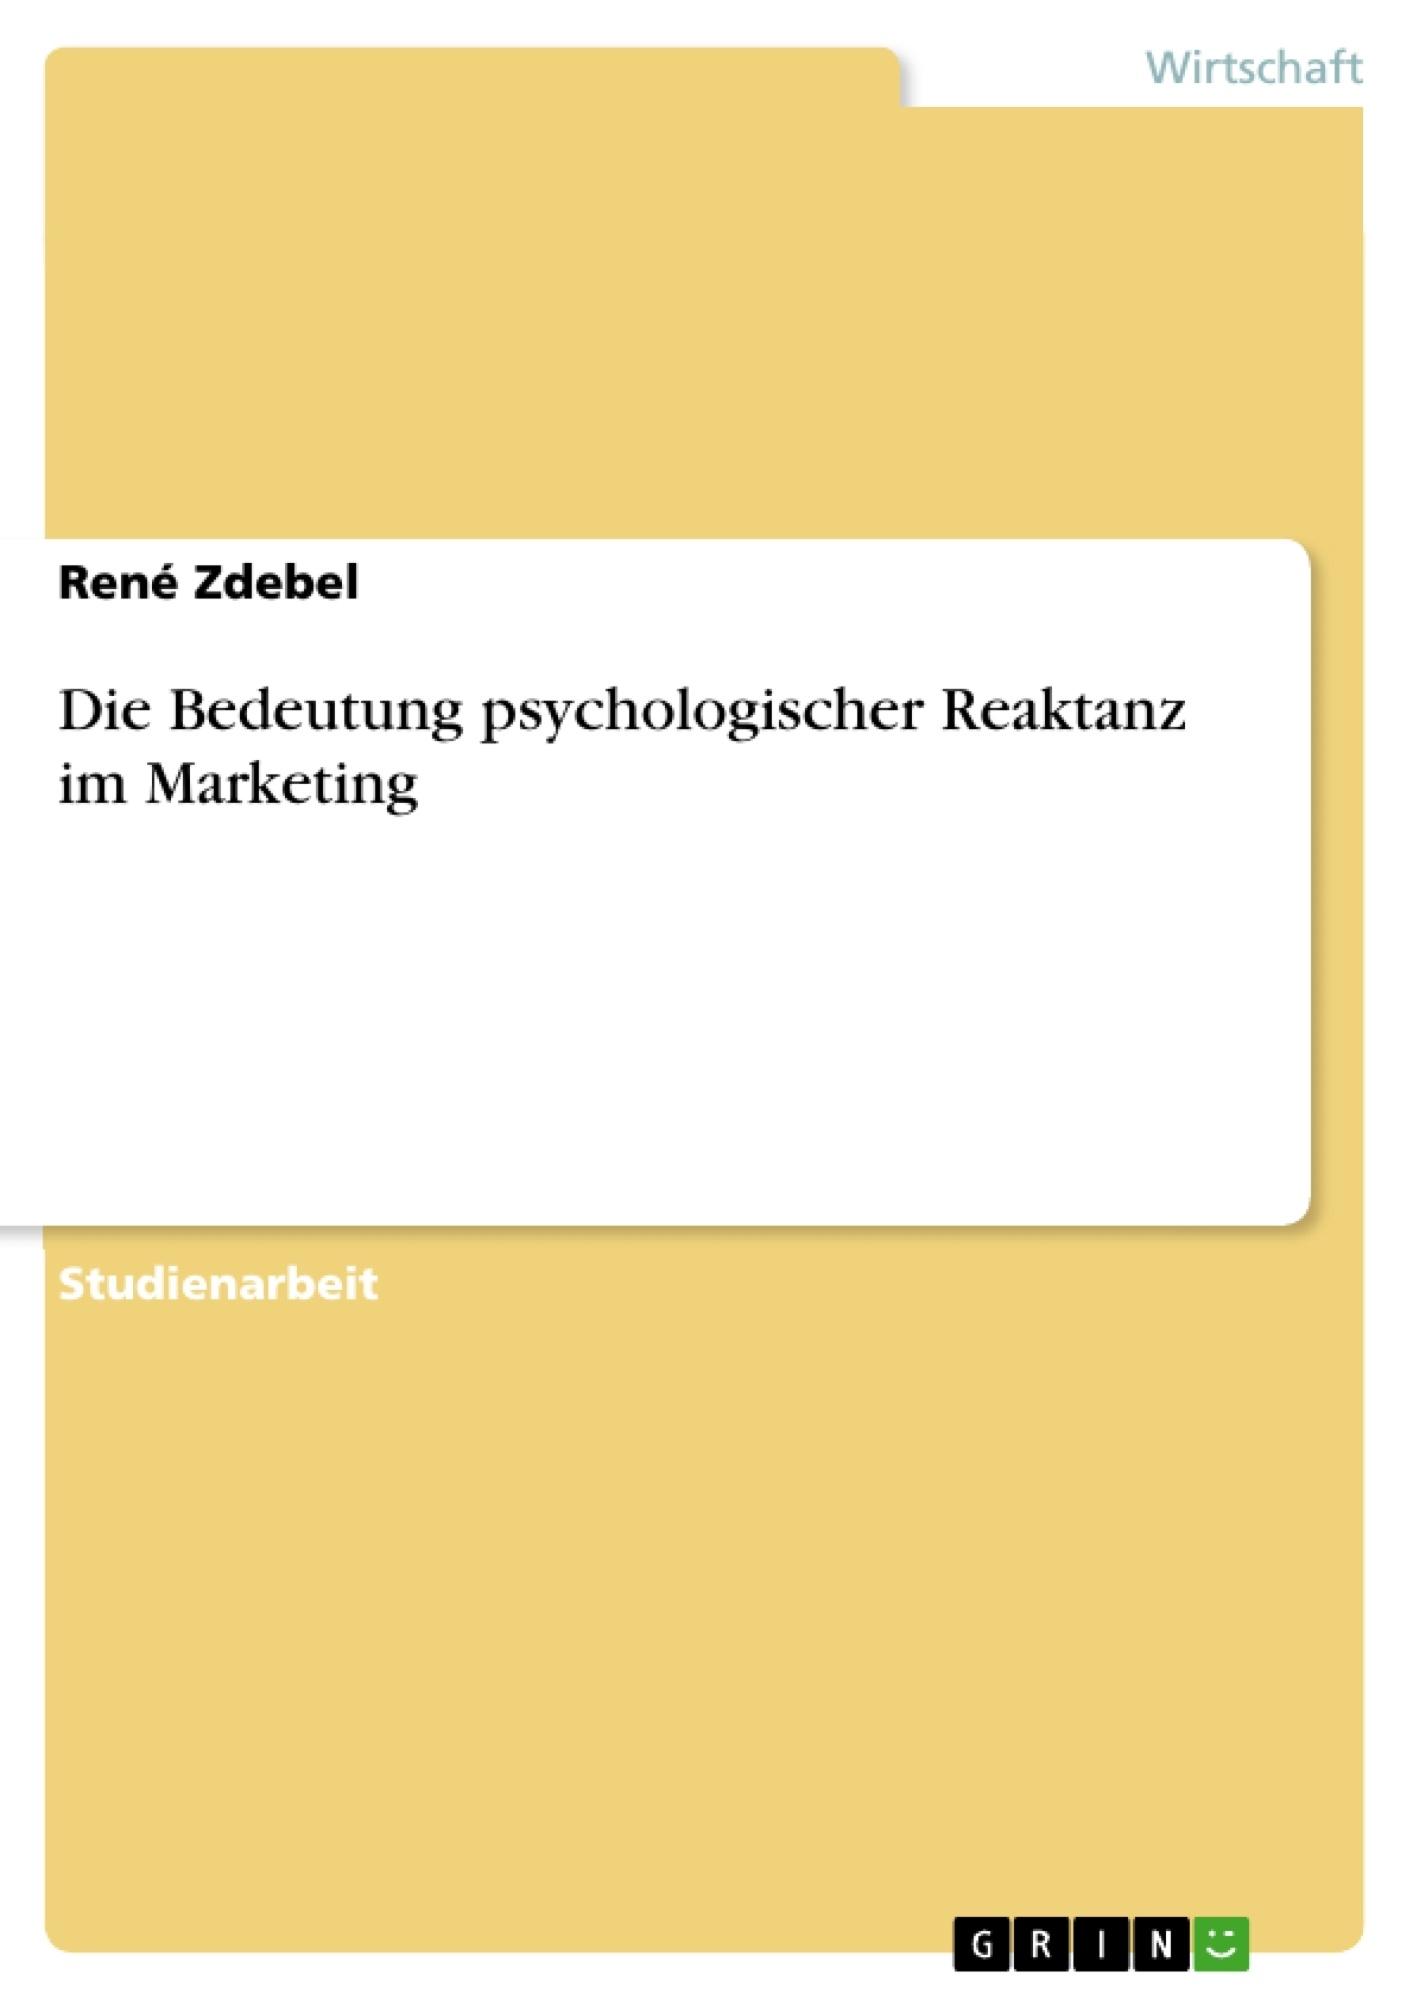 Titel: Die Bedeutung psychologischer Reaktanz im Marketing